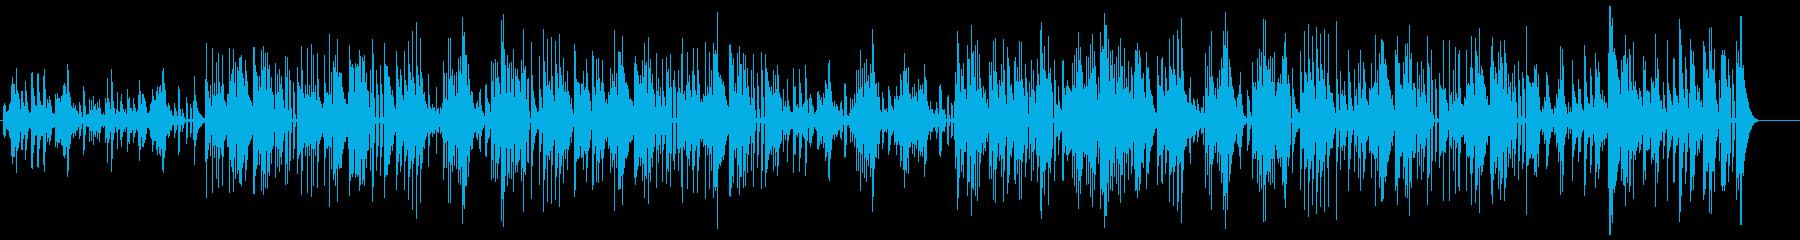 聖夜に聴きたいガットギターデュオ ワルツの再生済みの波形